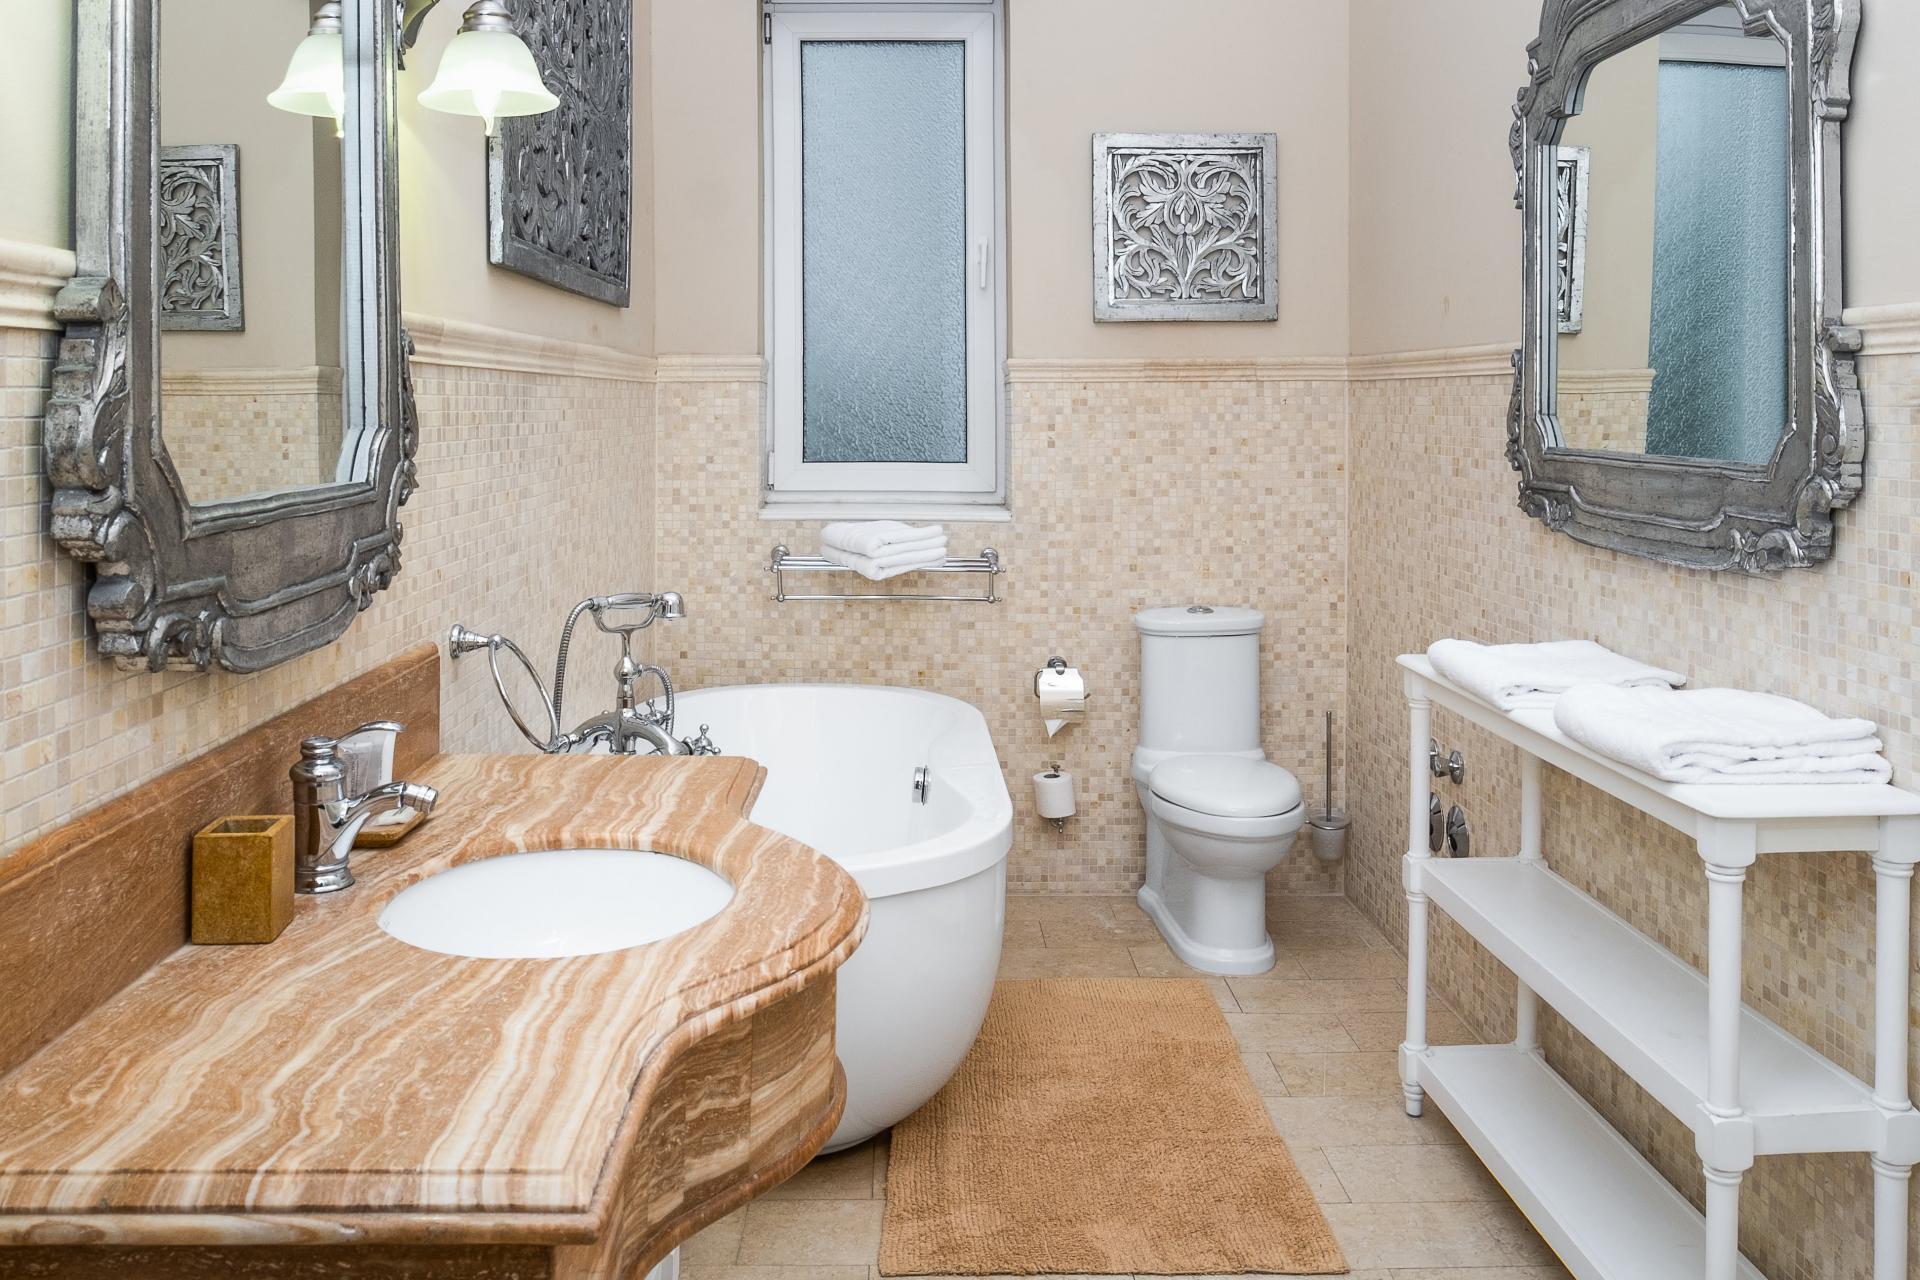 Bathroom at  Palacina Berlin Apartments - Citybase Apartments